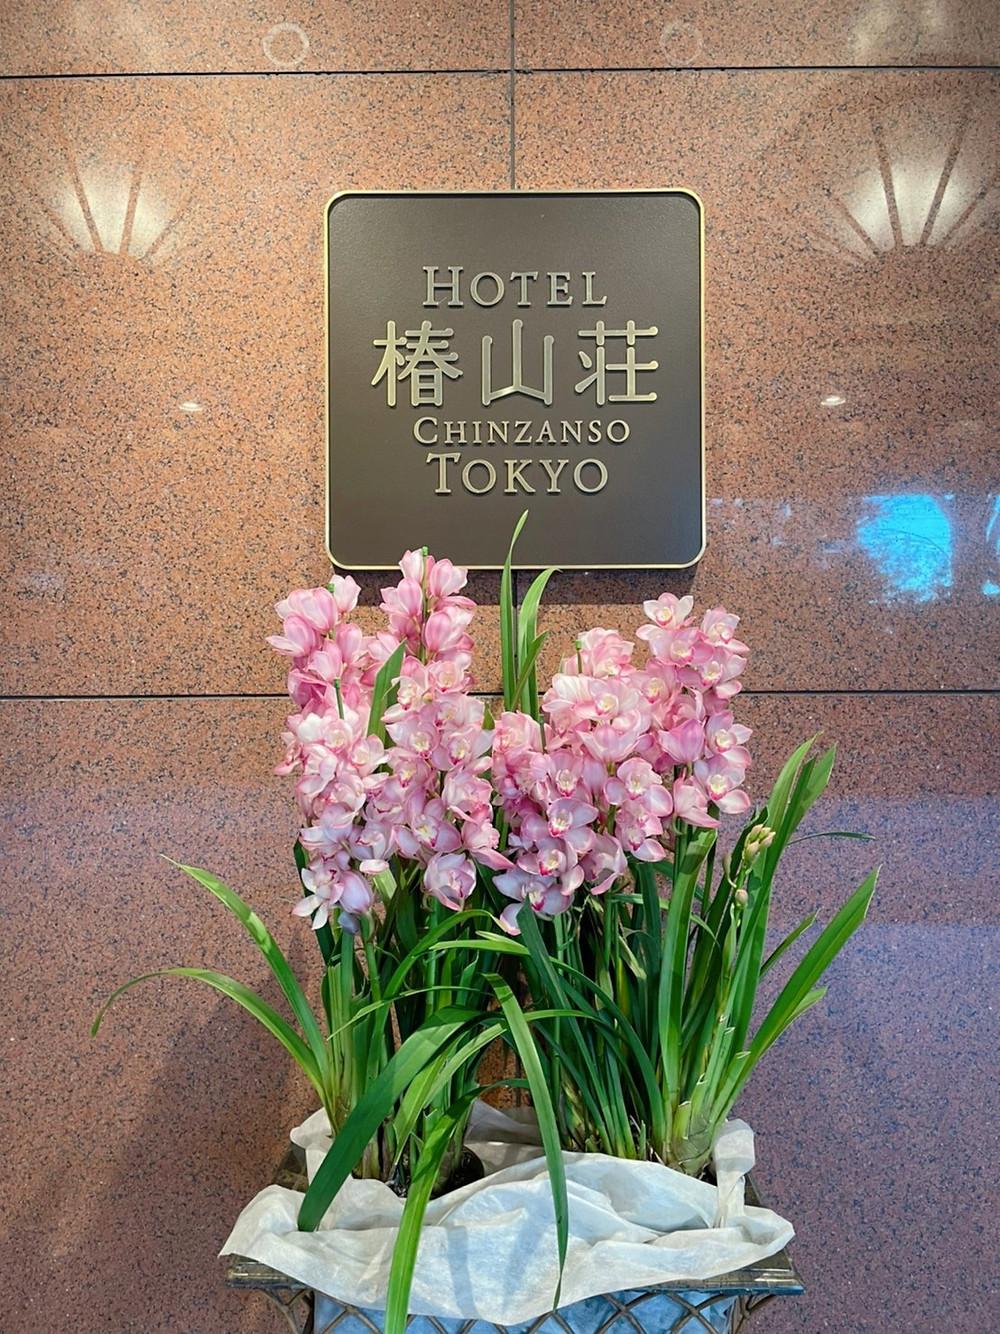 ホテル椿山荘東京のフロント前の装花の様子